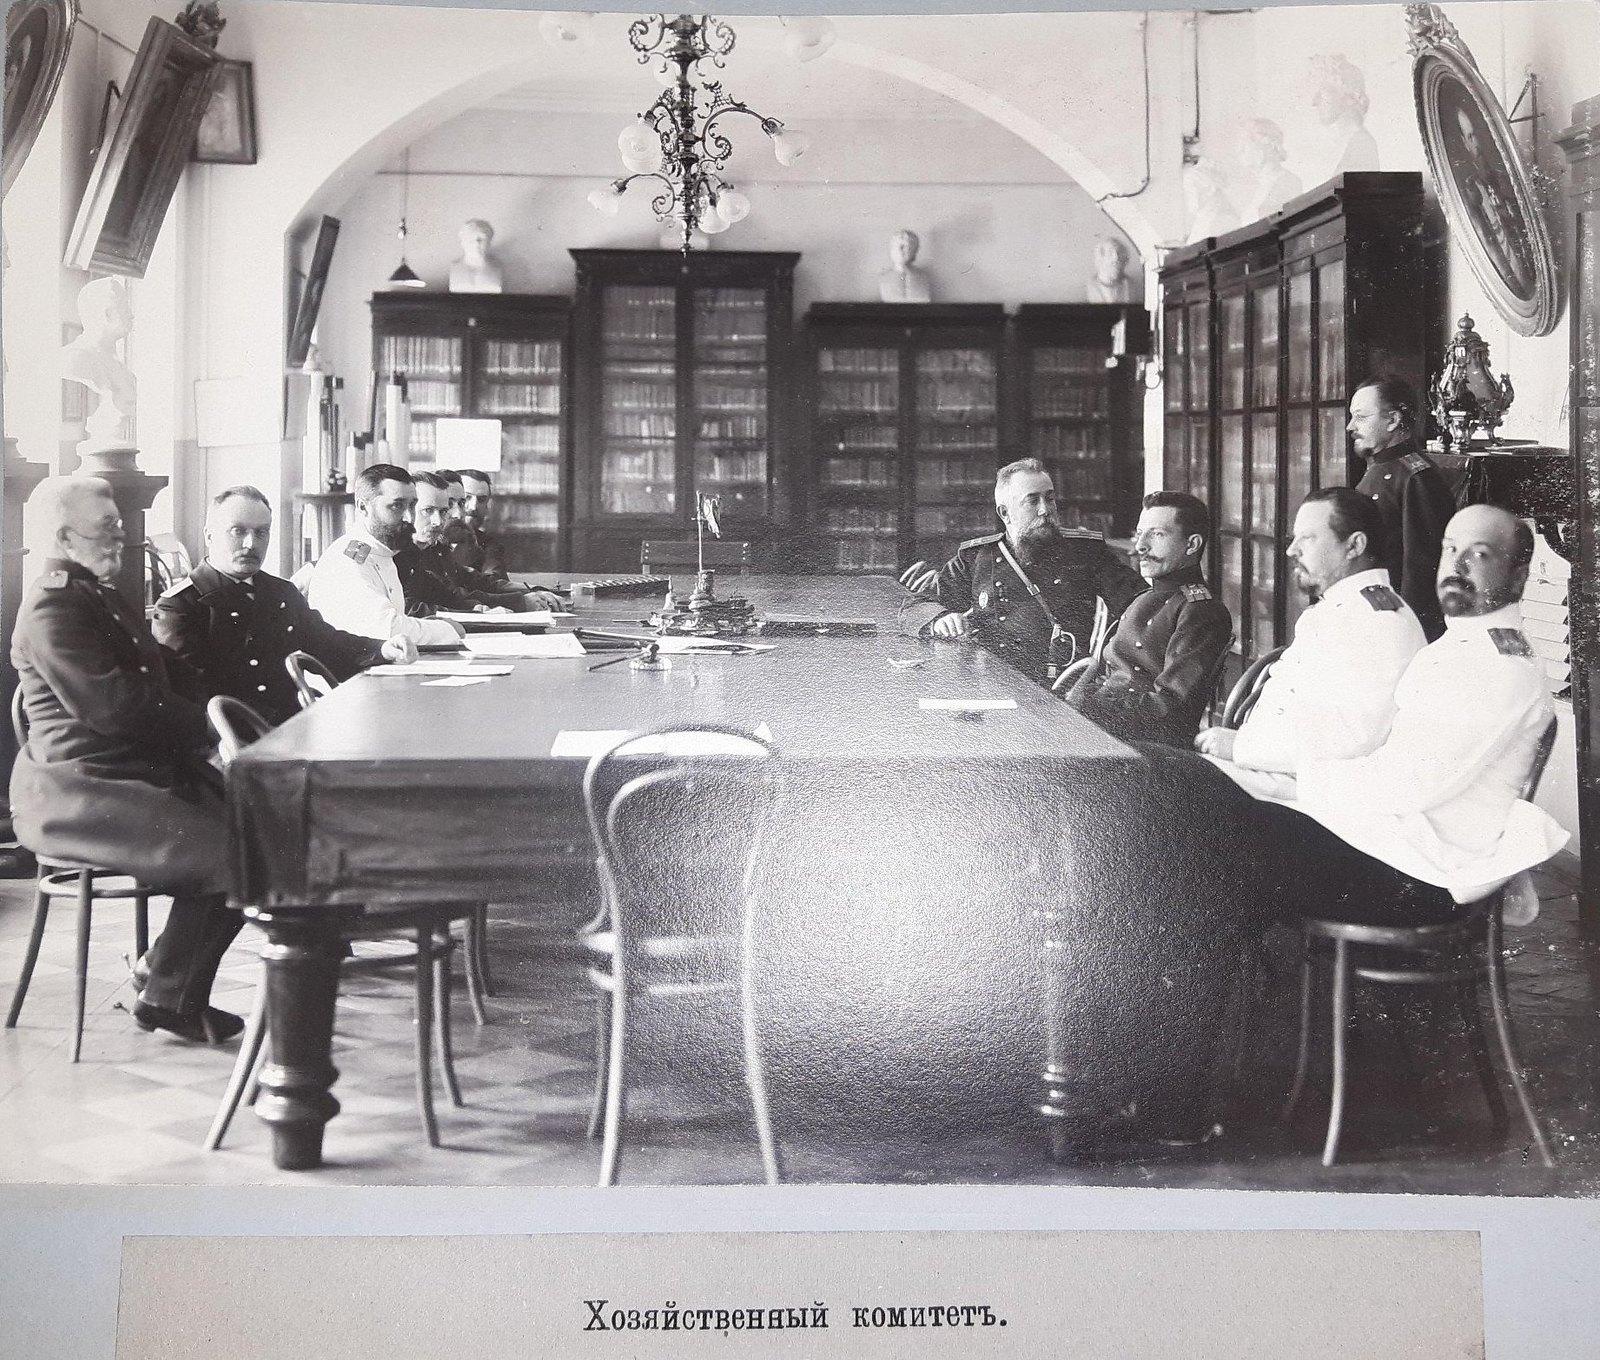 32. Хозяйственный комитет